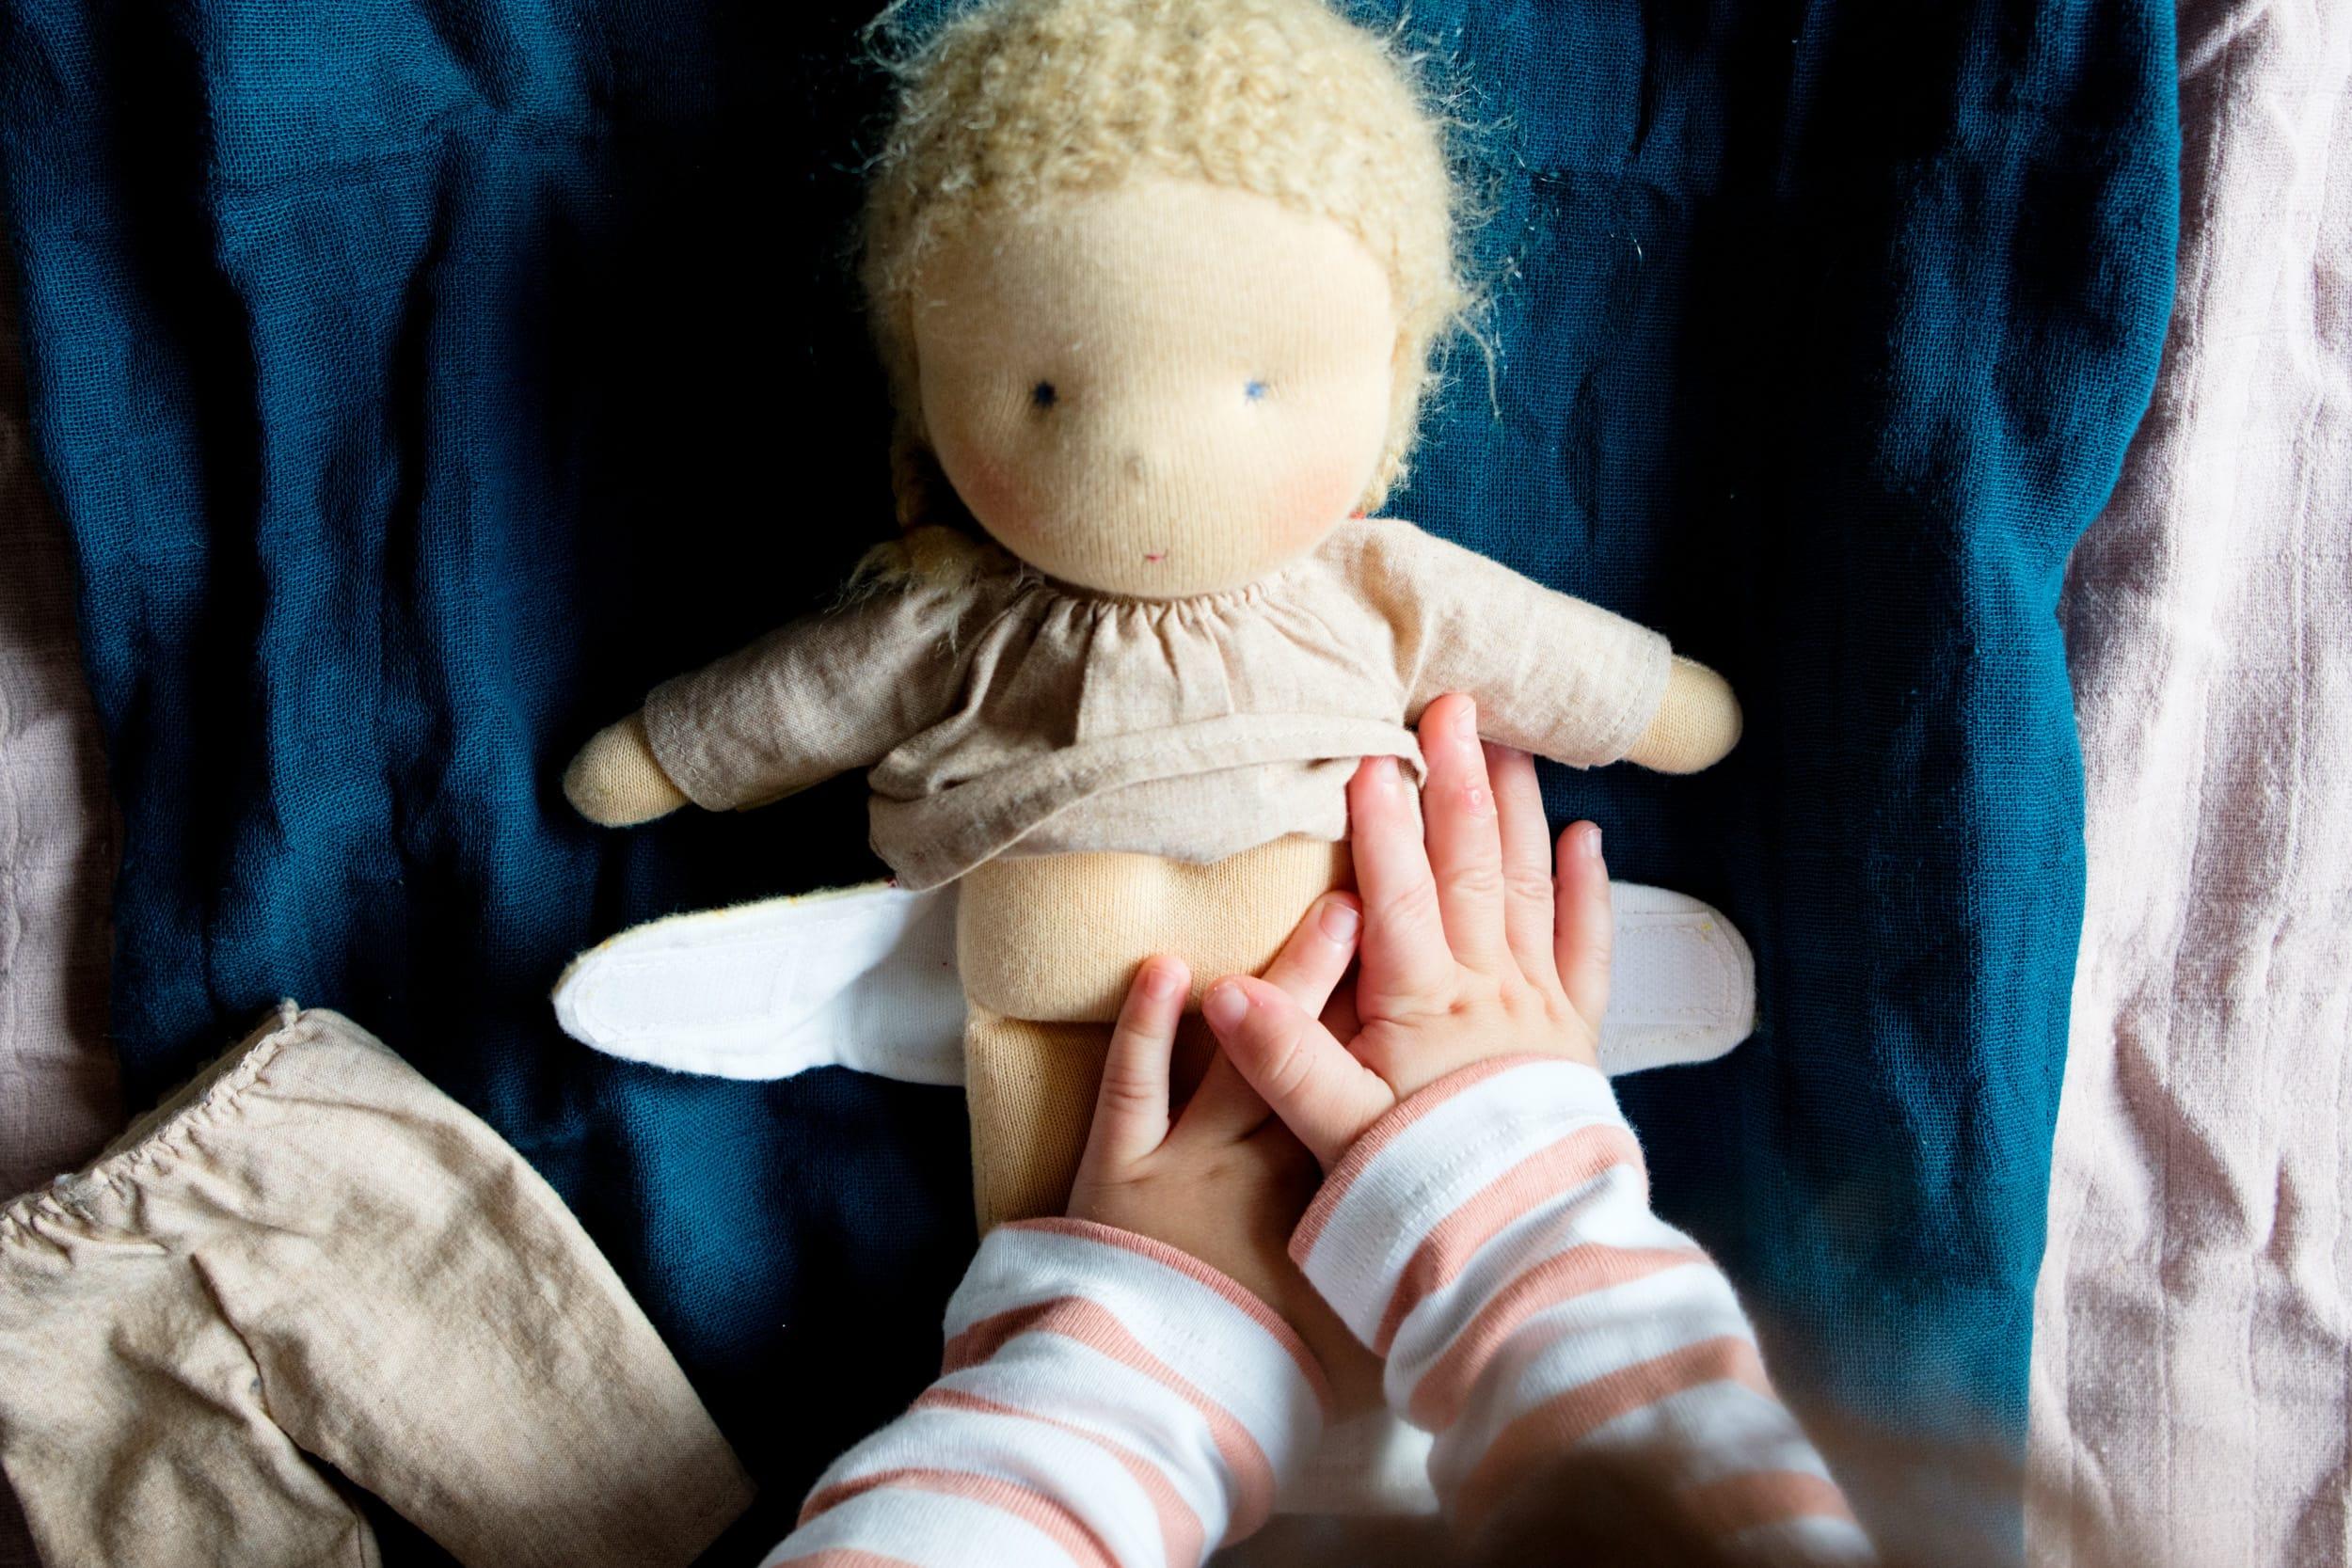 Wunder Po und Windeldermatitis | Unsere Tipps und Tricks | Hilfe bei wunden Babypos | Wickeln | Pflege | Körperpflege bei Baby und Kleinkind | Hausmittel | Hilfe aus der Natur | Leben mit Kind | Mama | Wickeltisch | Heilwolle | Heilsalbe | Sitzbad | Windelfrei | #baby #kinder #kleinkind #tipps #hausmittel #mama | Mehr auf ivy.li